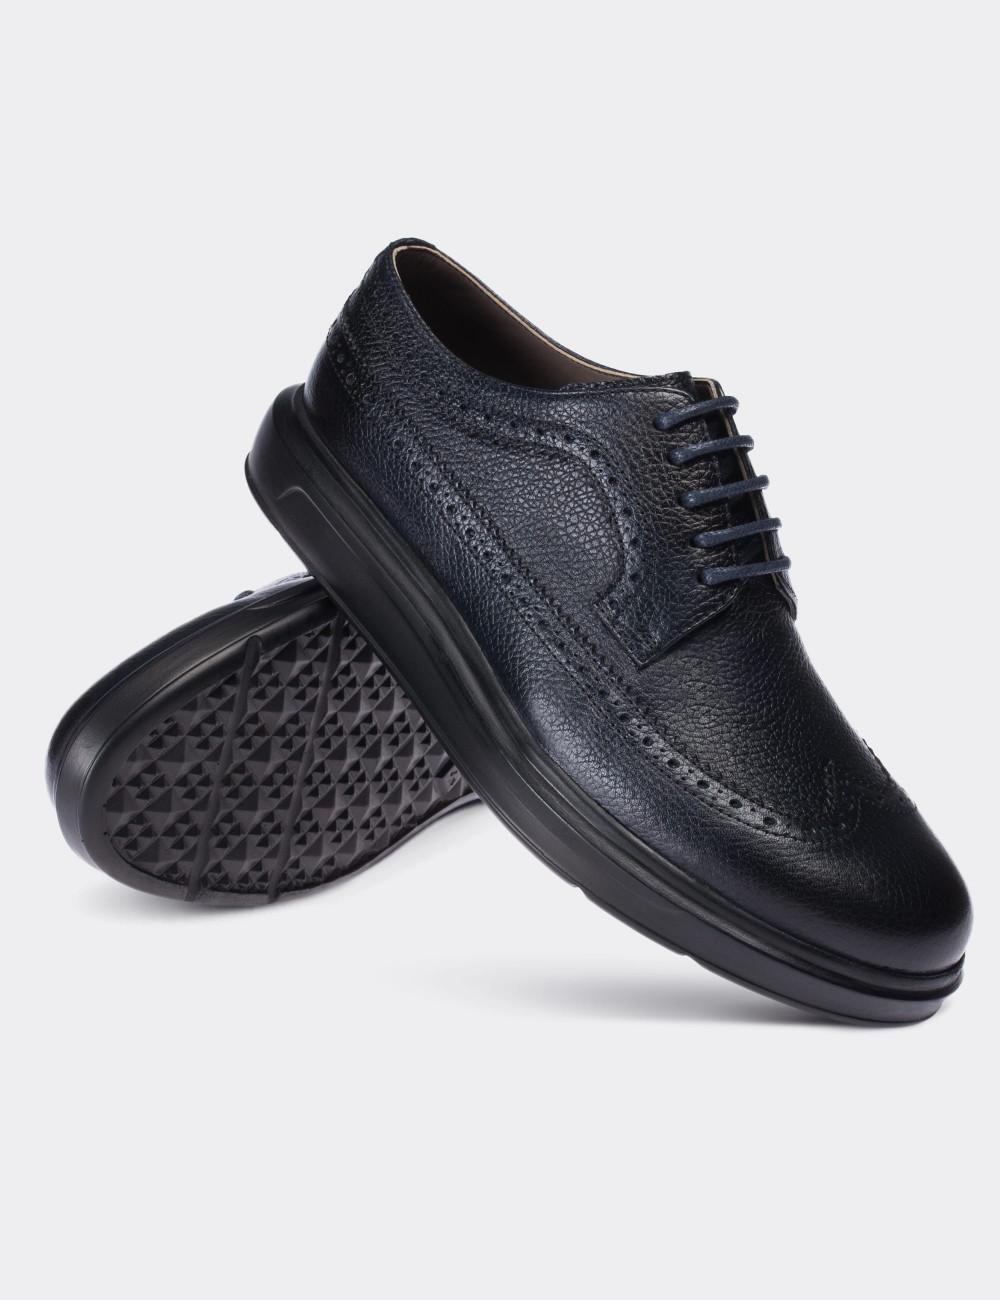 Hakiki Deri Lacivert Comfort Günlük Erkek Ayakkabı - 01293MLCVP05